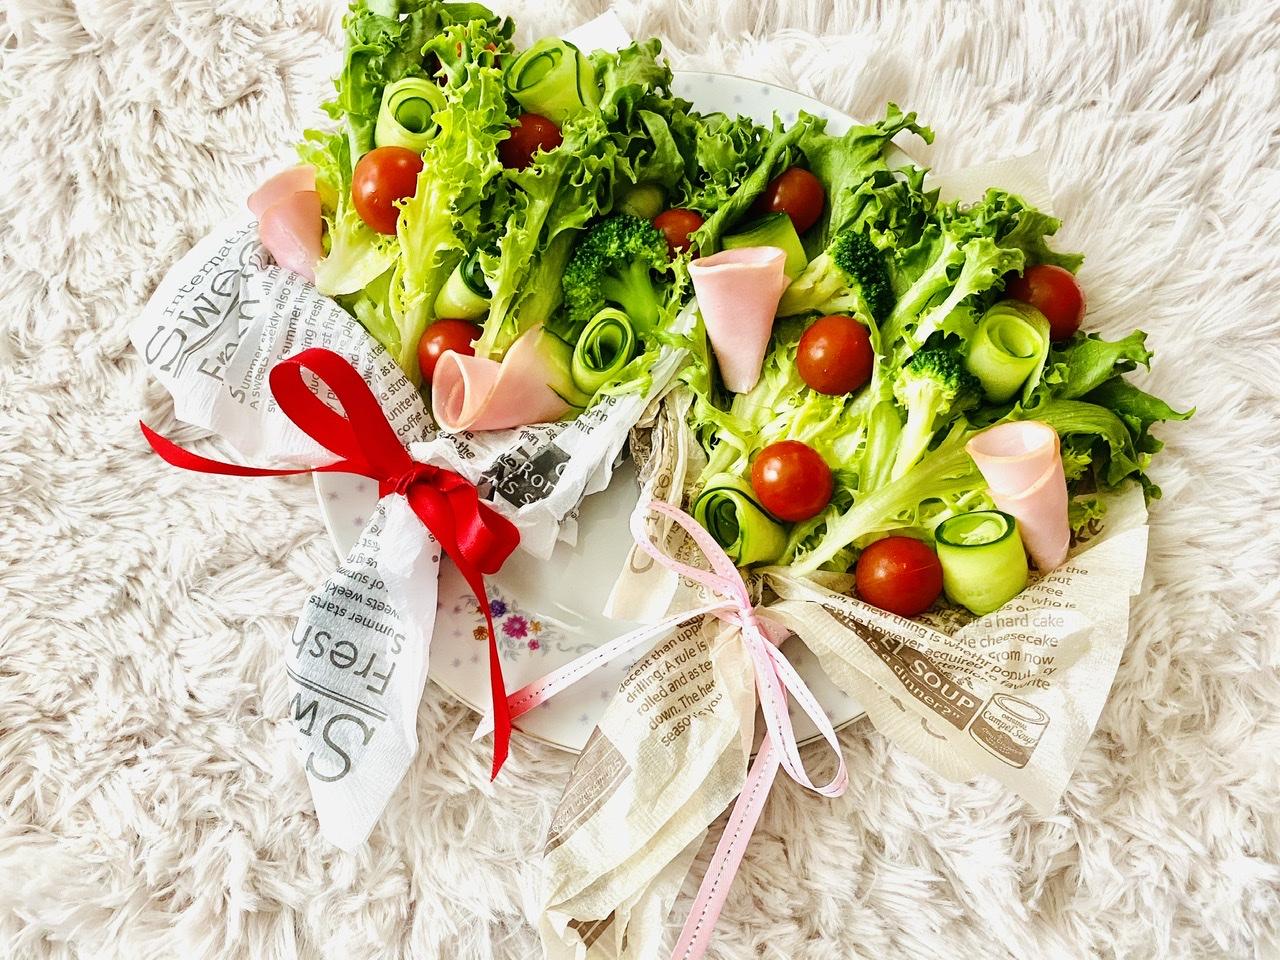 【おうちごはん】実は超簡単!?食べられる花束《ブーケサラダ》が華やかで可愛い♡_1